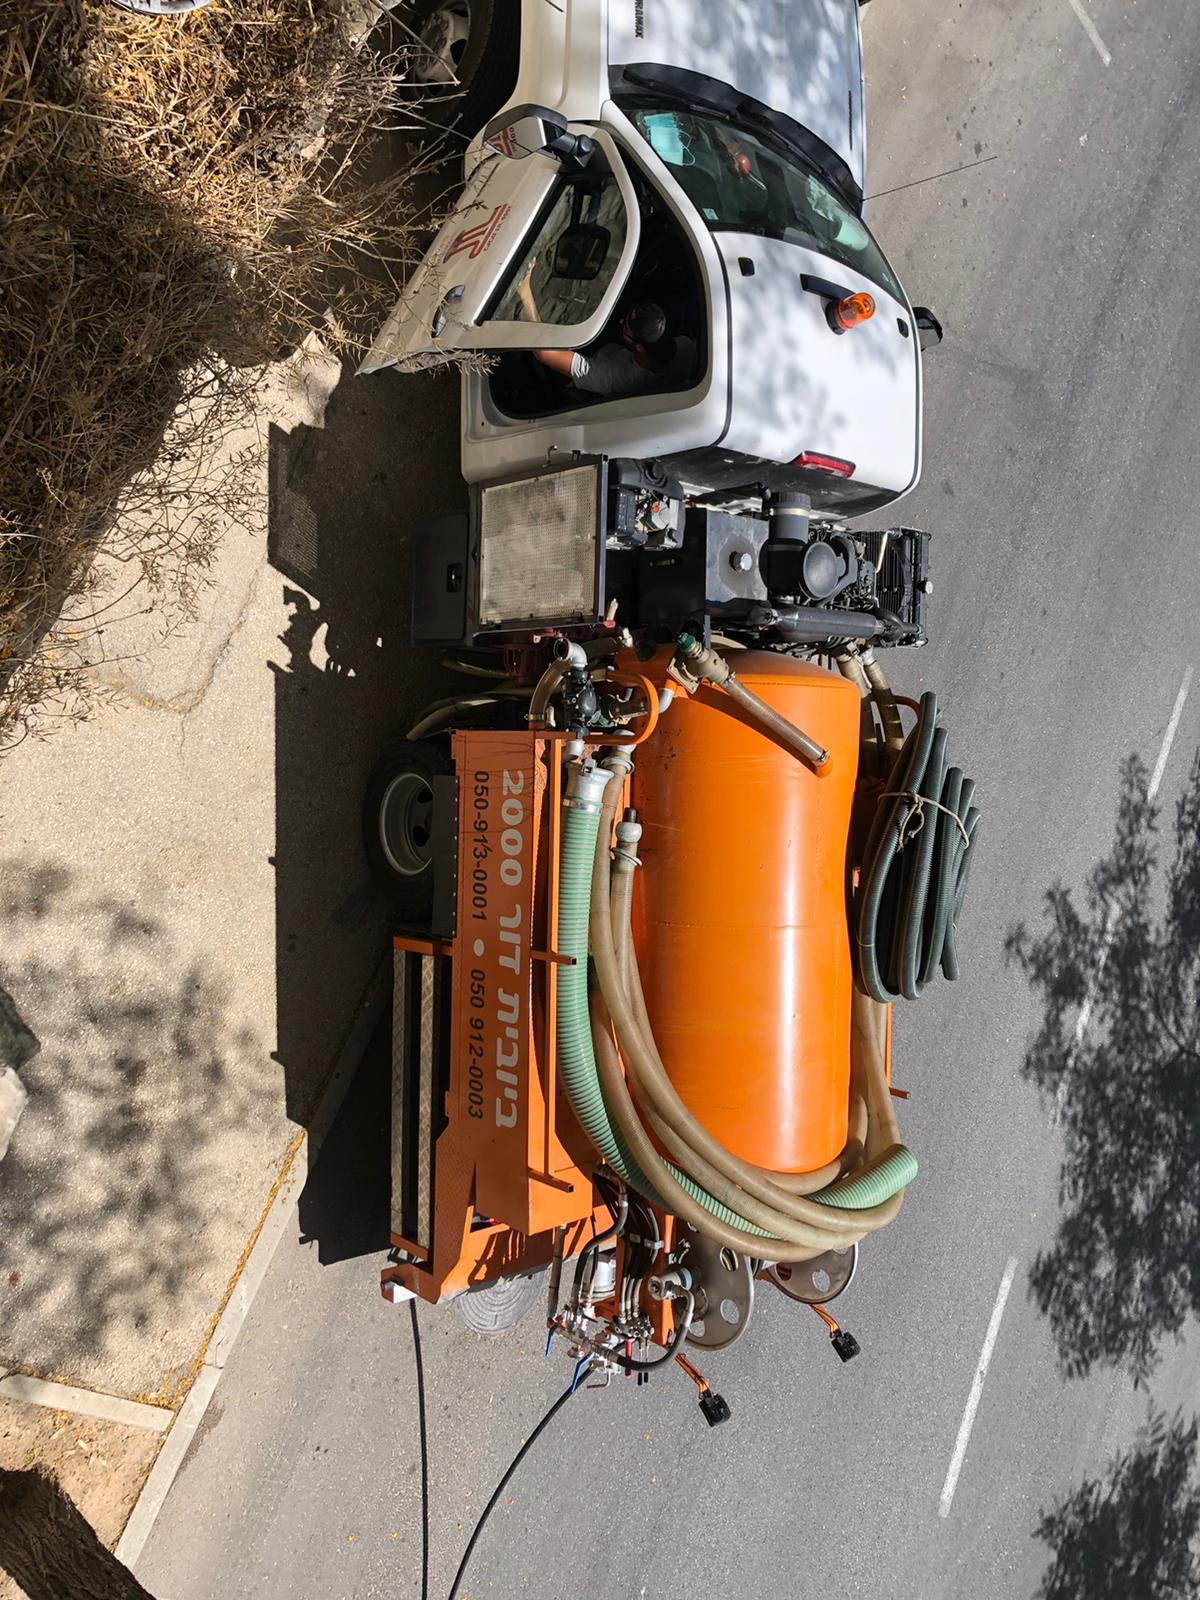 פתיחת סתימה ואיתור שבר בקן ביוב הראשי ע״י מצלמת ביוב בשכונת ארנונה בירושלים.